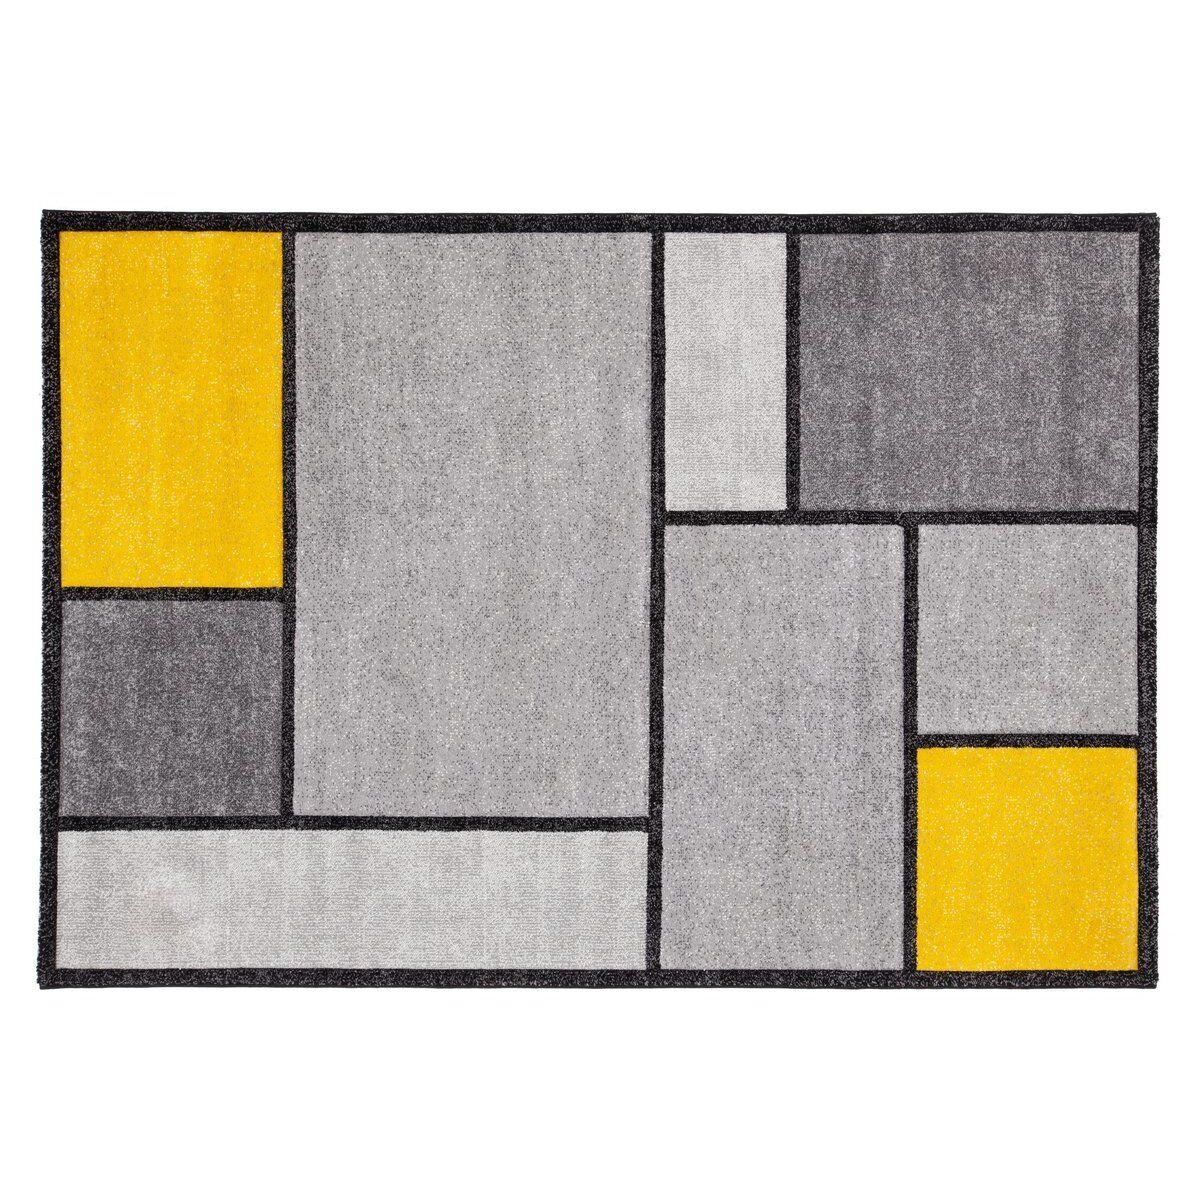 Miliboo Tapis design jaune et gris 160 x 230 cm - CUBIK